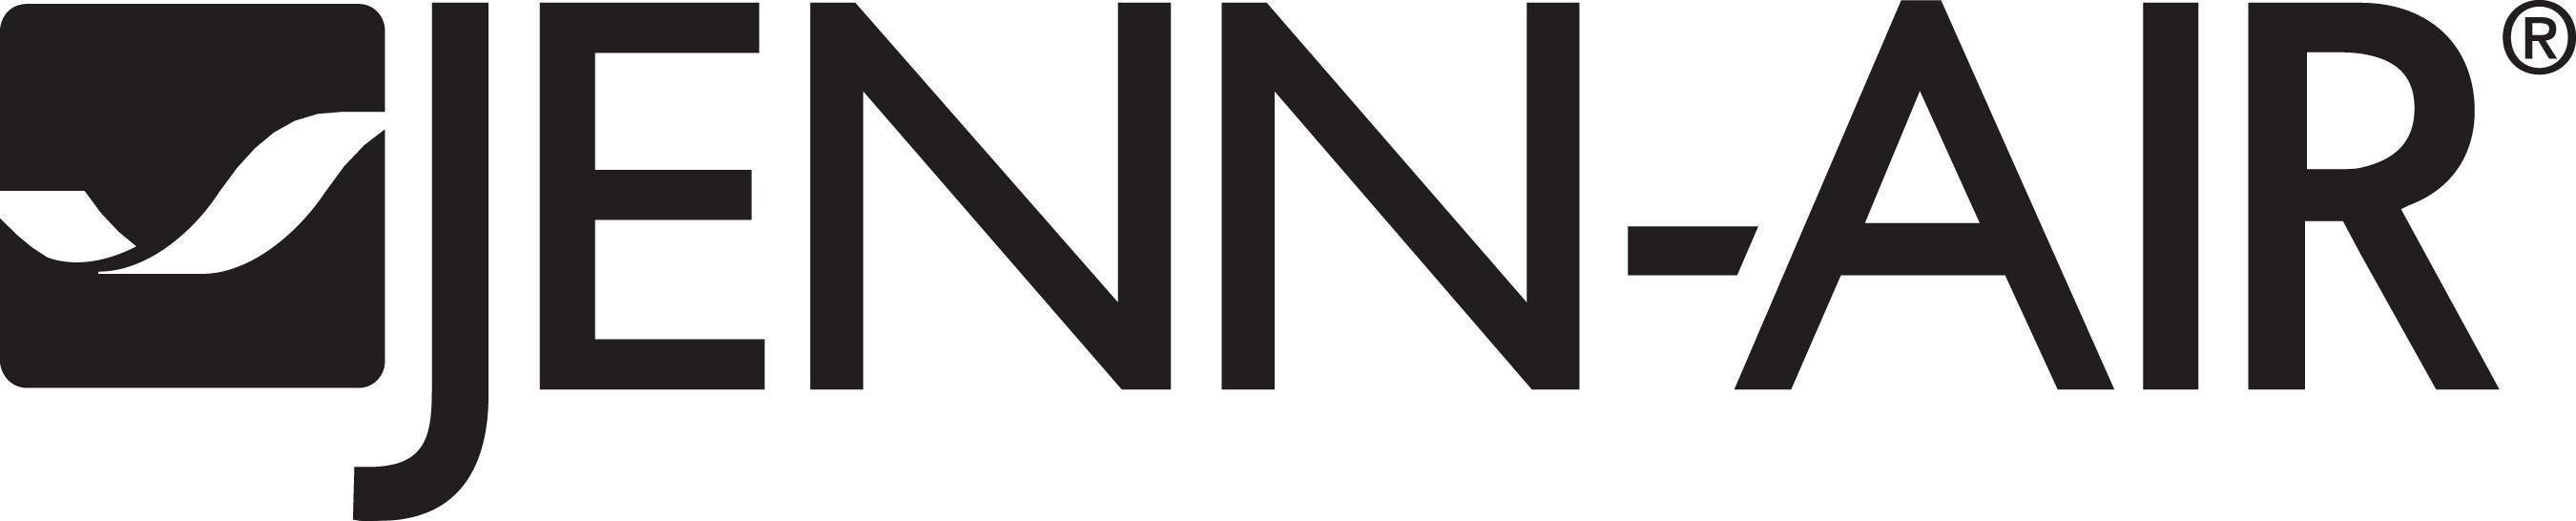 Jenn-Air logo.